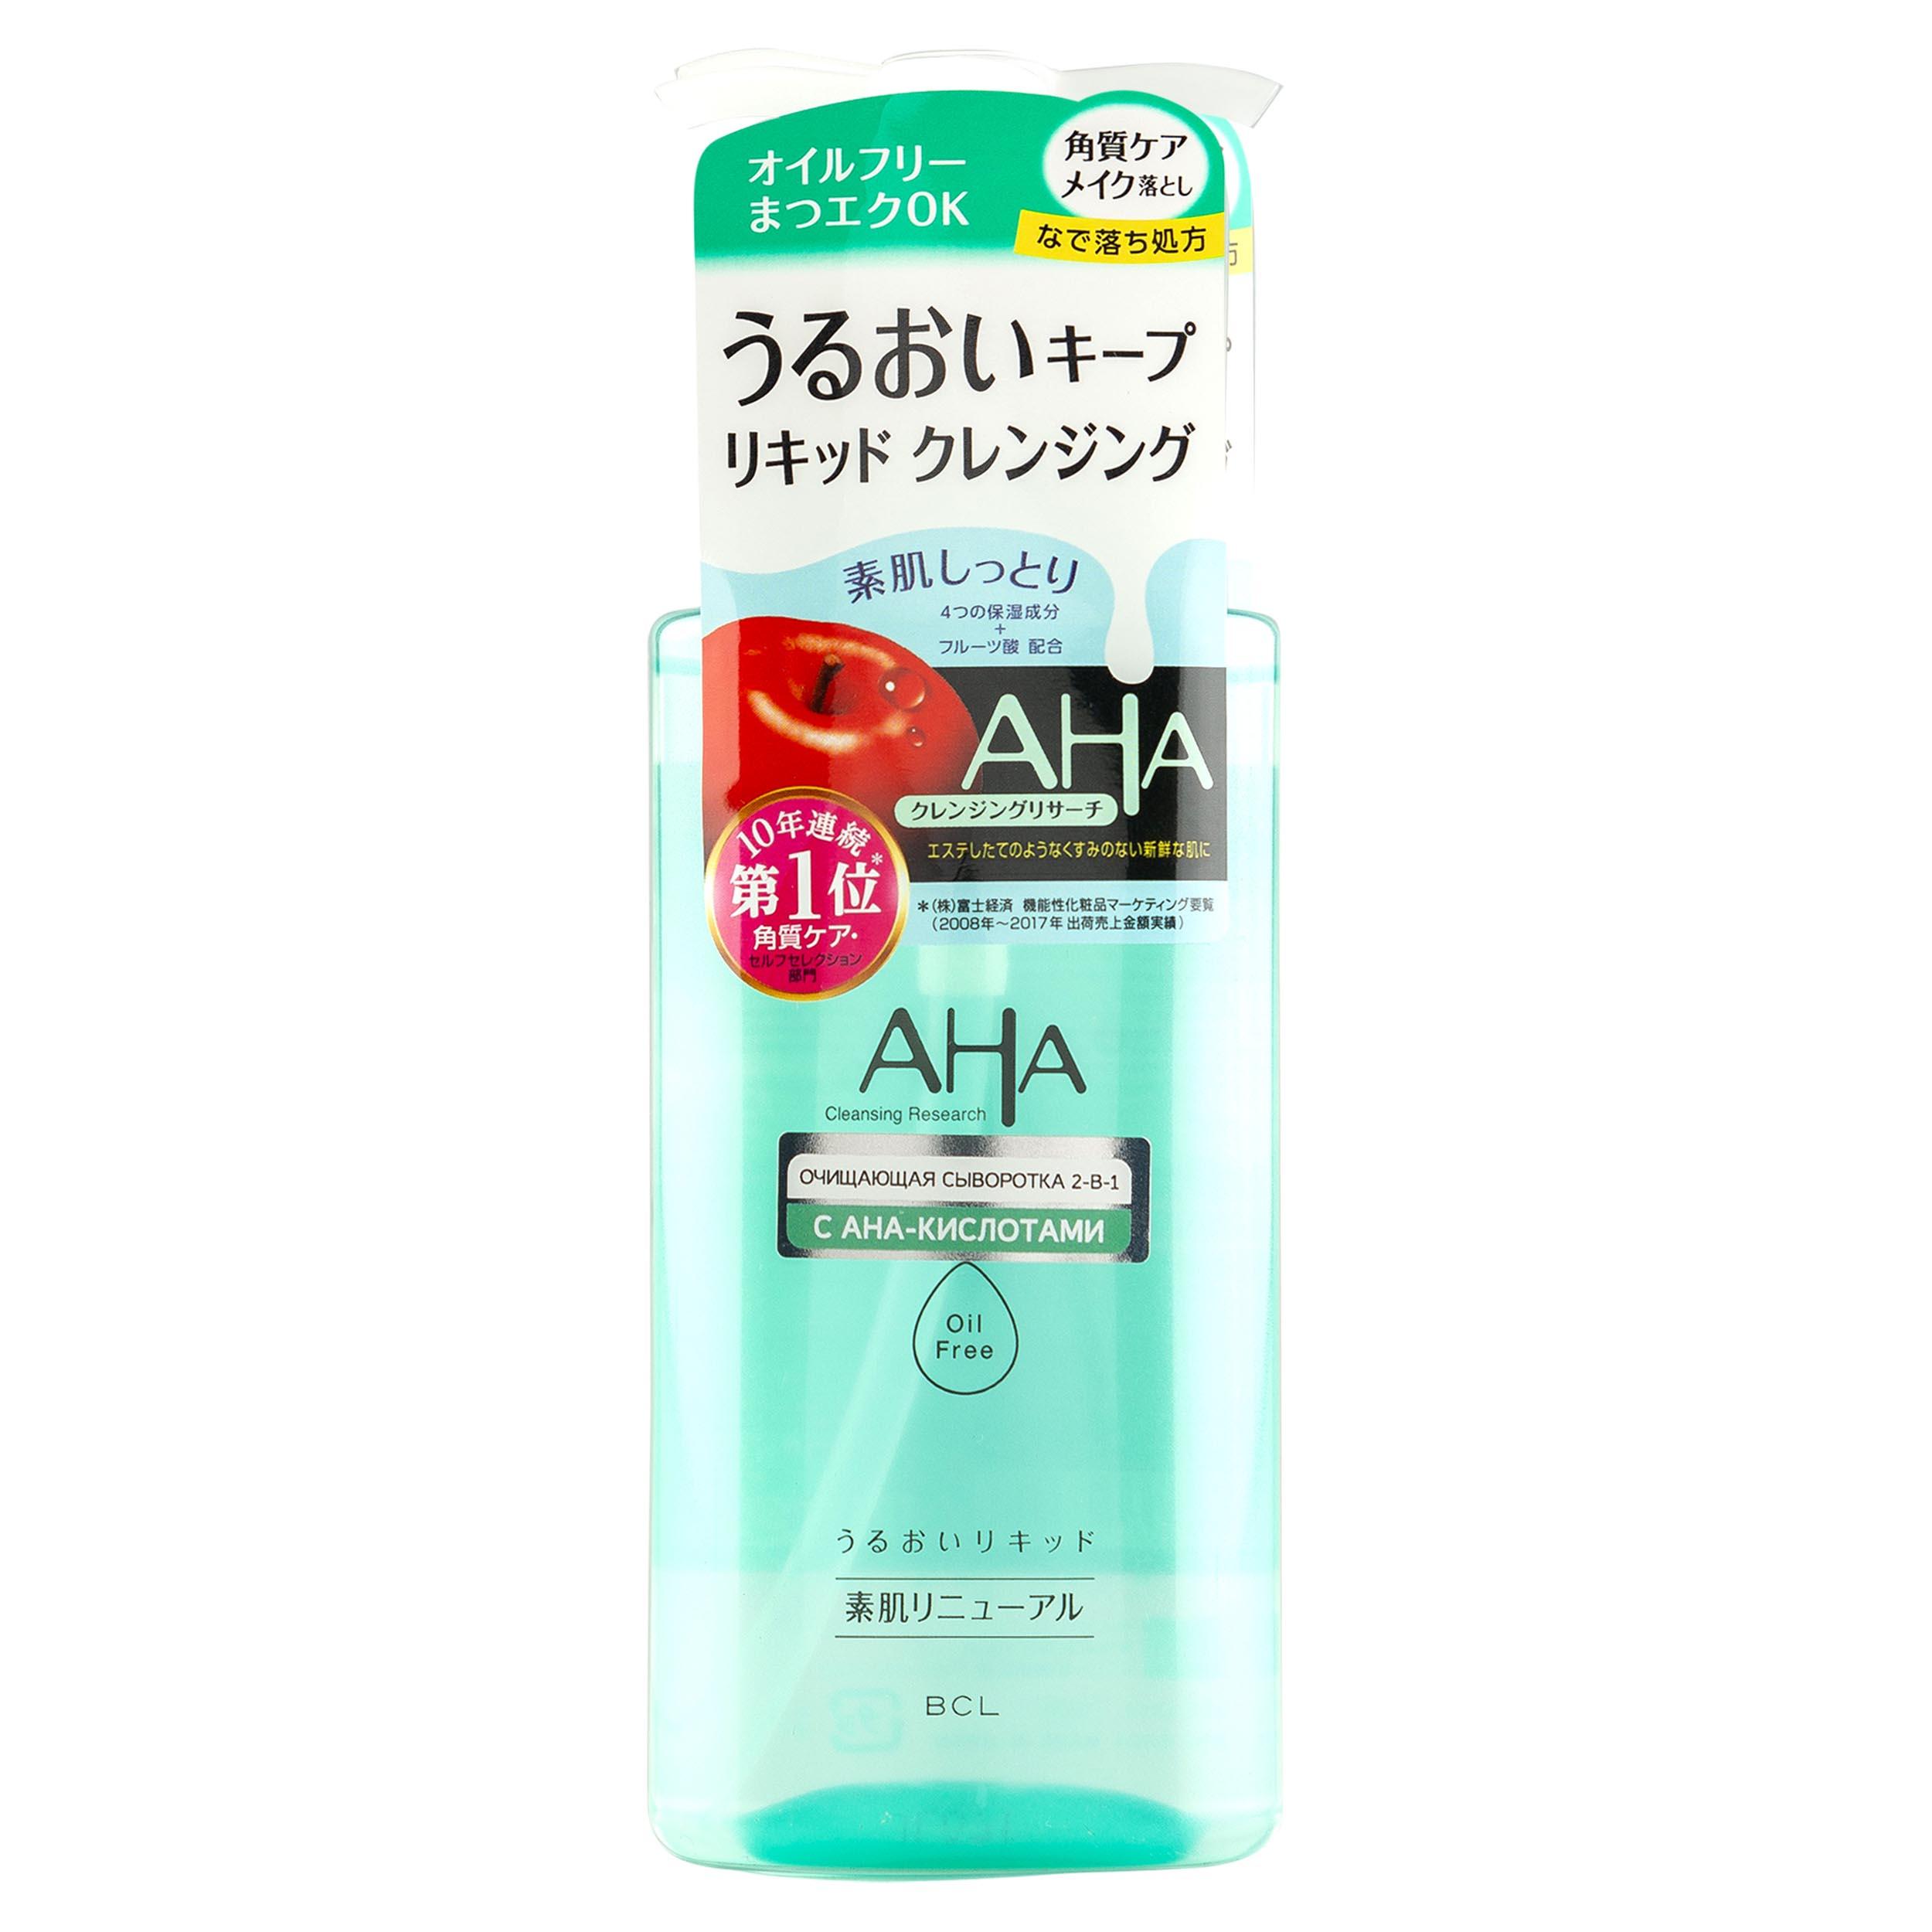 Купить Aha Очищающая сыворотка для снятия макияжа 2-в-1 с фруктовыми кислотами для нормальной и комбинированной кожи, 200 мл (Aha, Basic), Япония